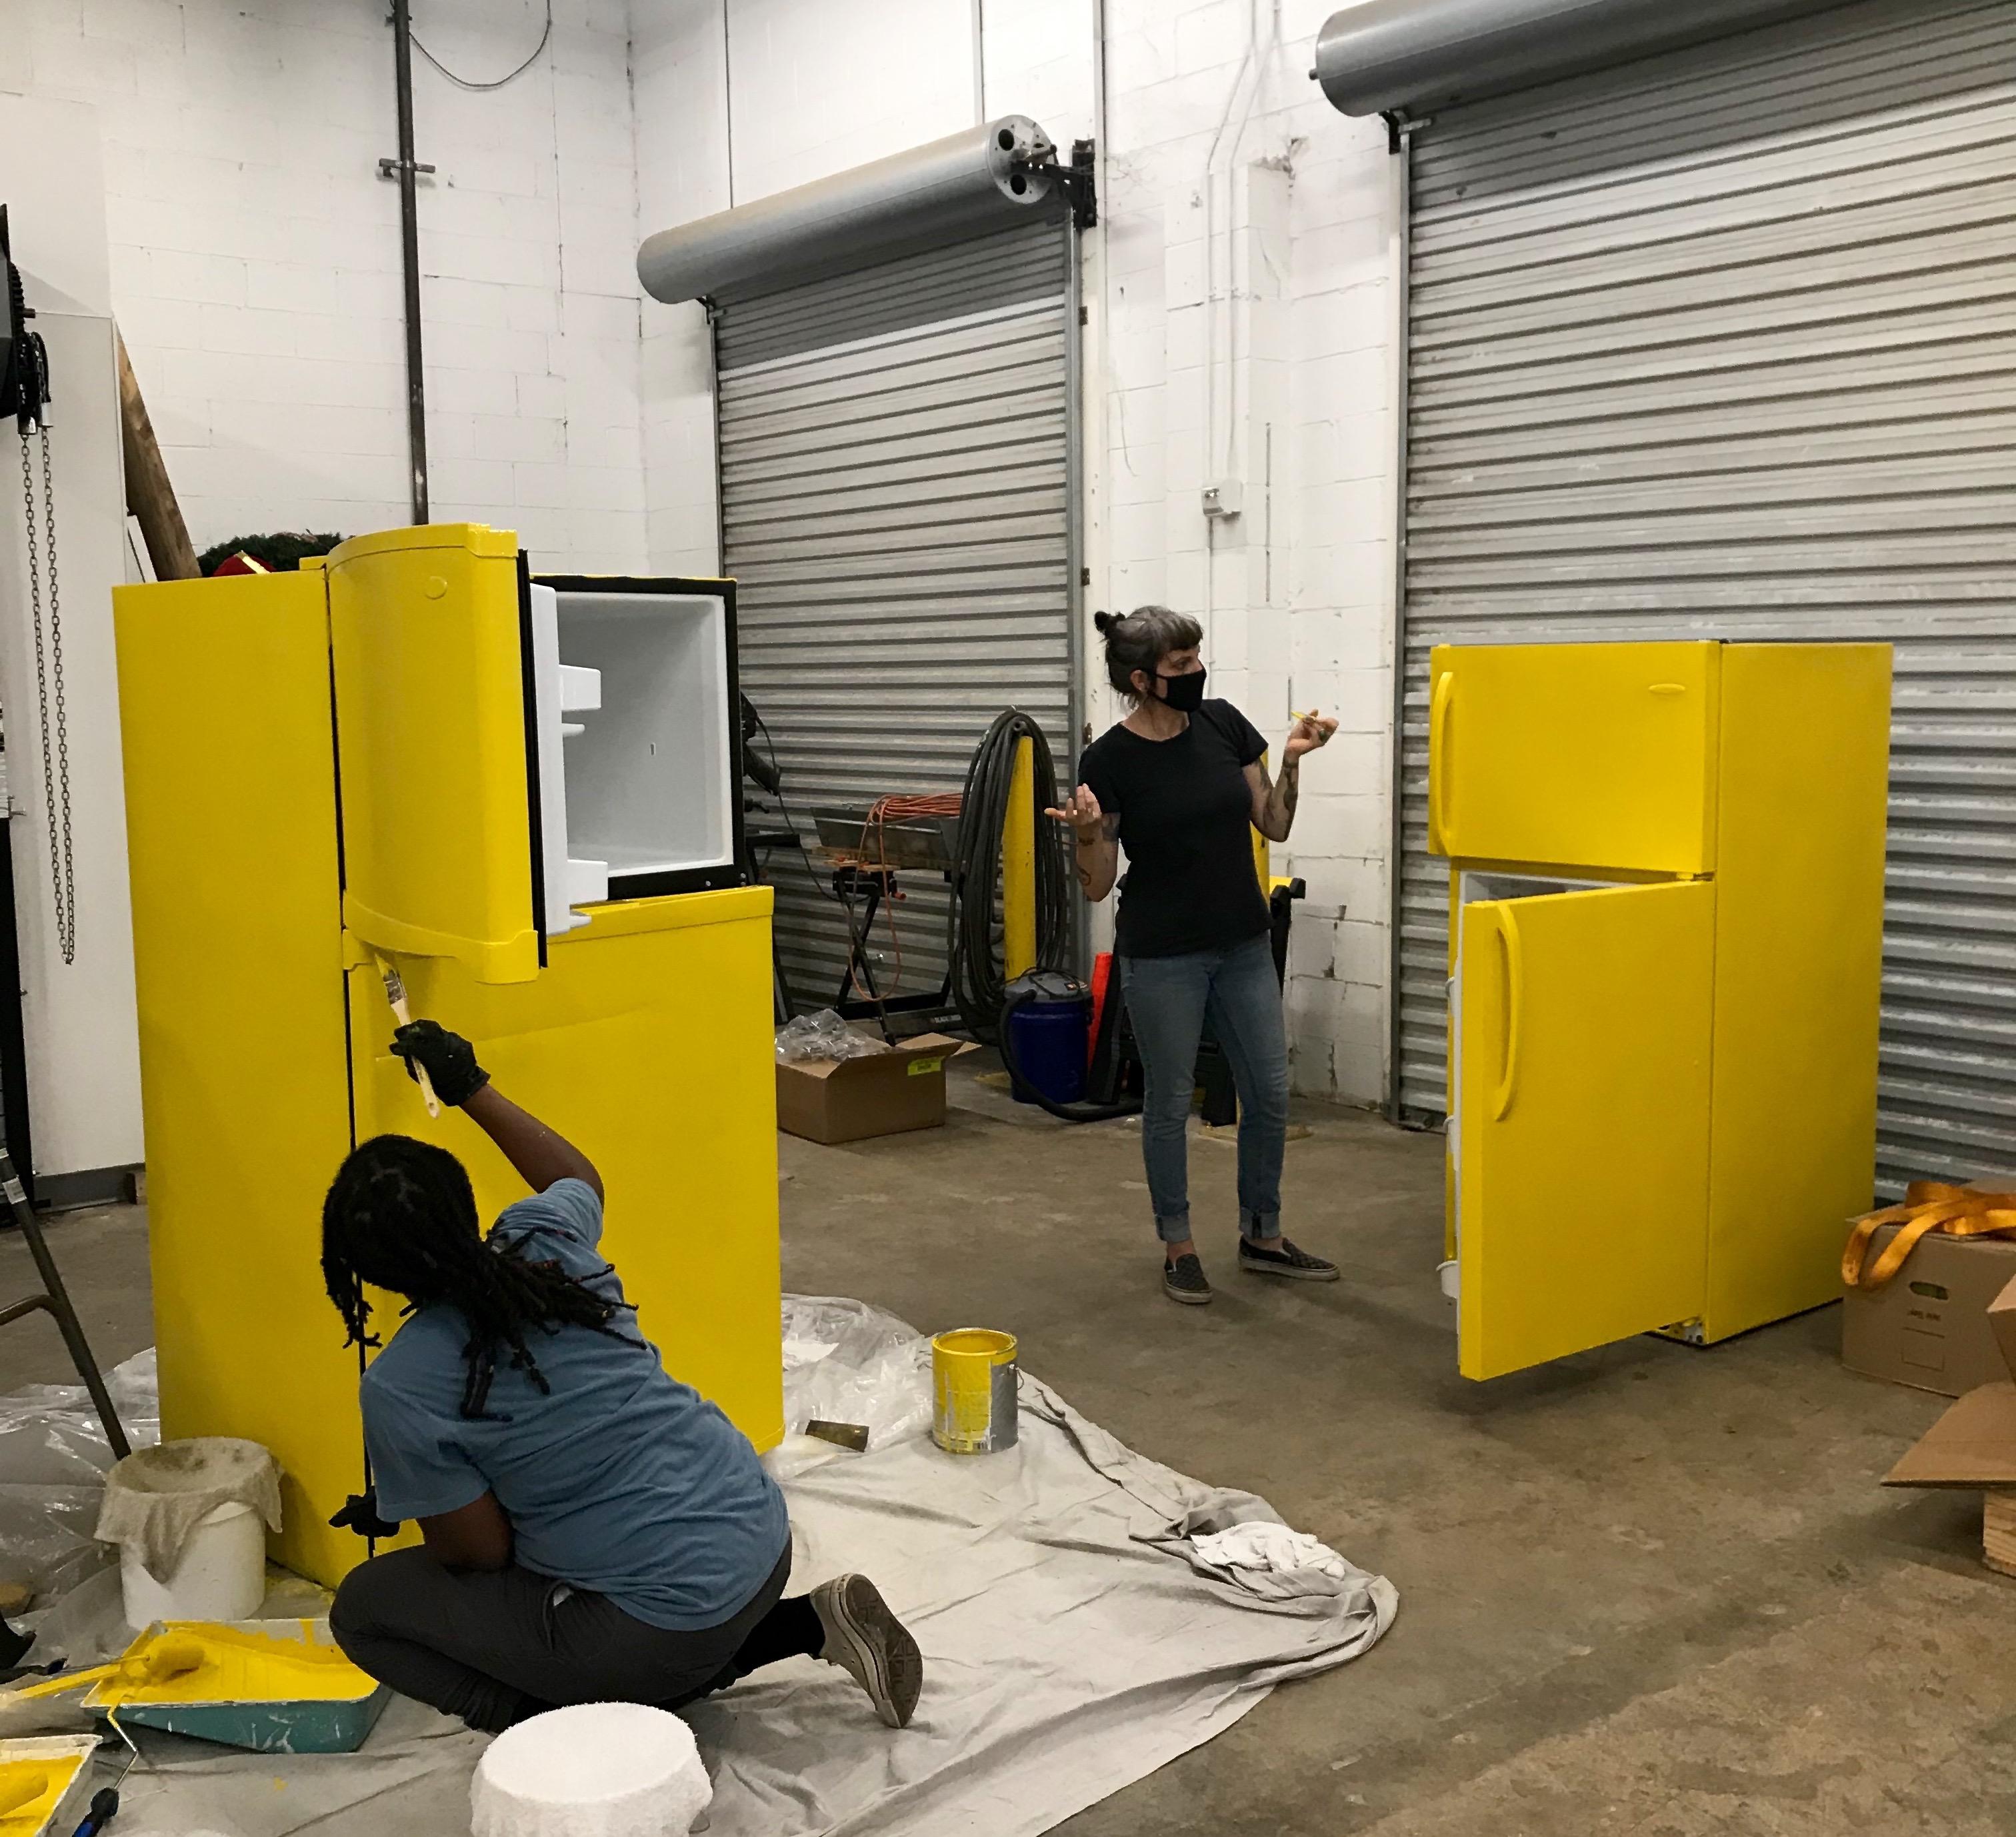 两名志愿者,一名非裔美国妇女跪在左边,一名白人妇女站在右边,两人都戴着面具,在一个白色的大车库中将捐赠的两个冰箱涂成黄色